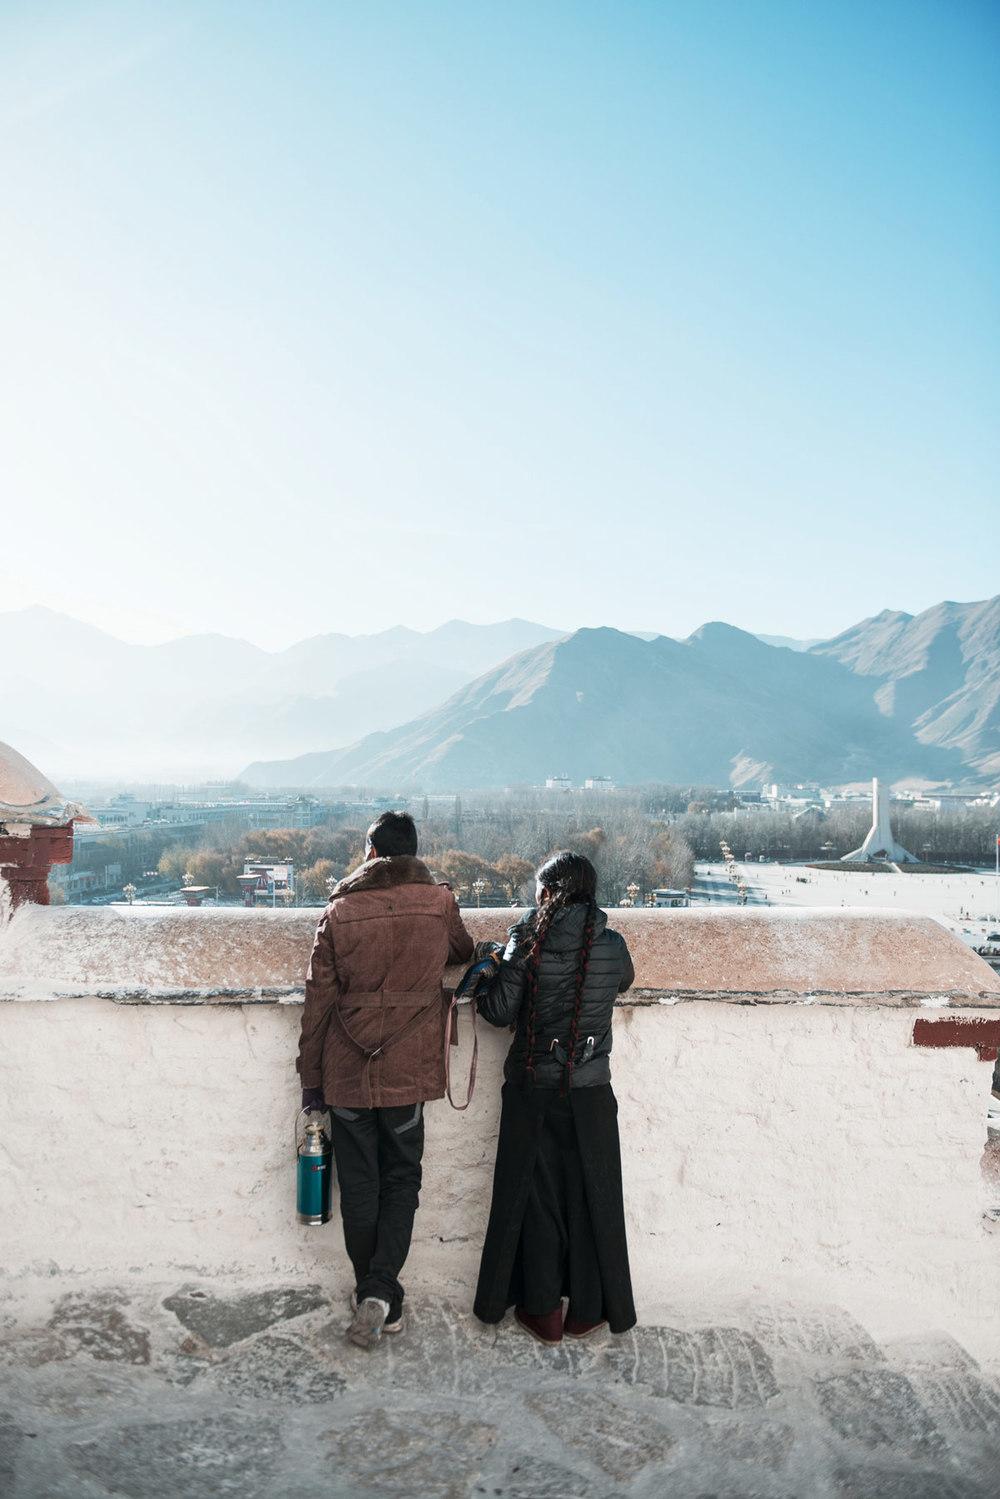 potala-lhasa-tibet-pilgrims.jpg